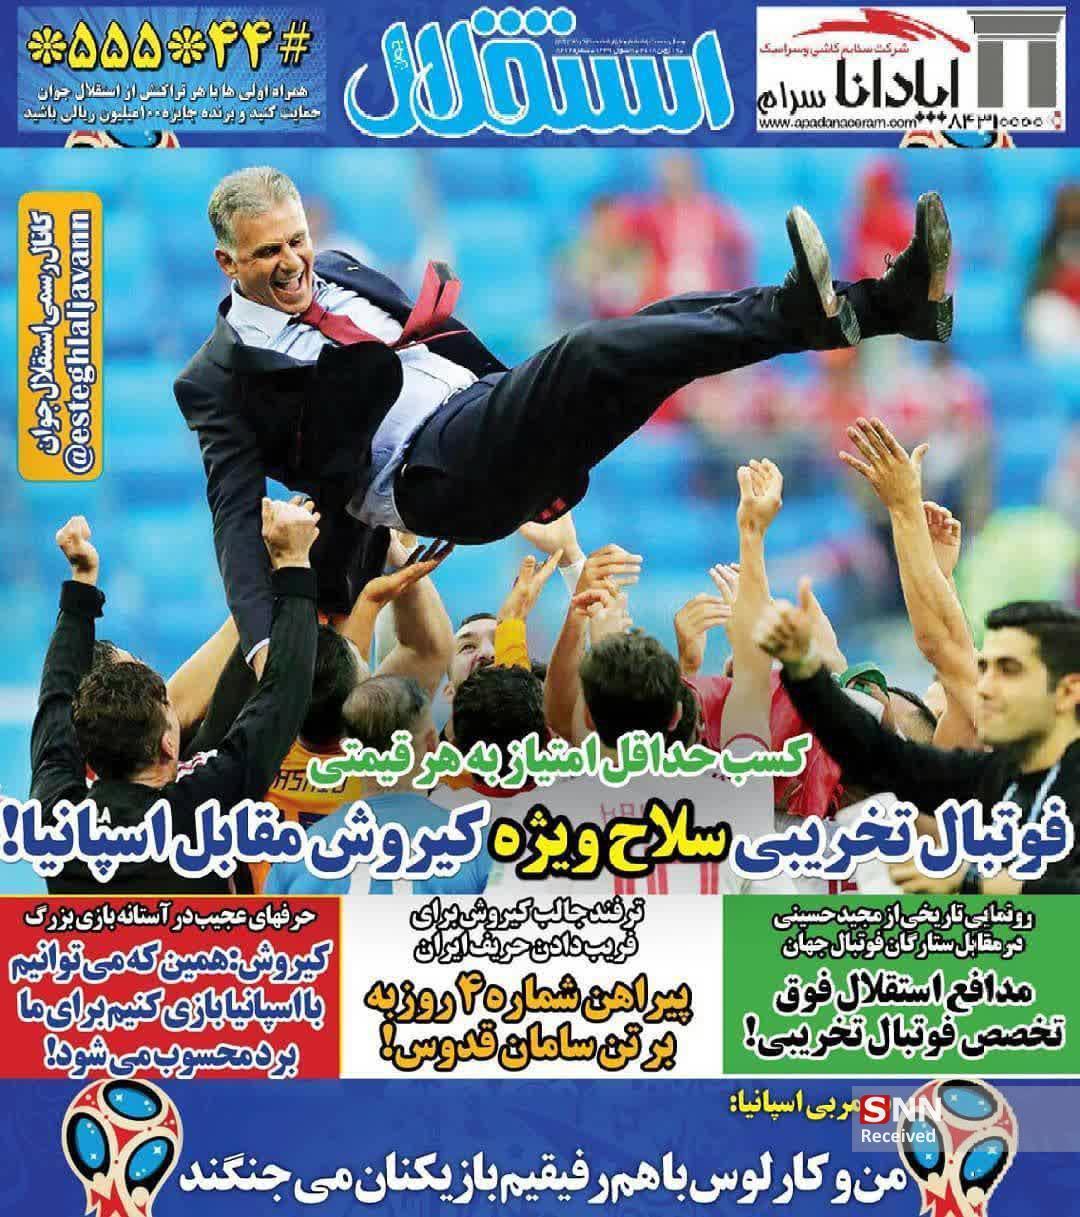 عناوین روزنامههای ورزشی ۳۰ خرداد ۹۷/ صدرنشین چشم خورد +تصاویر